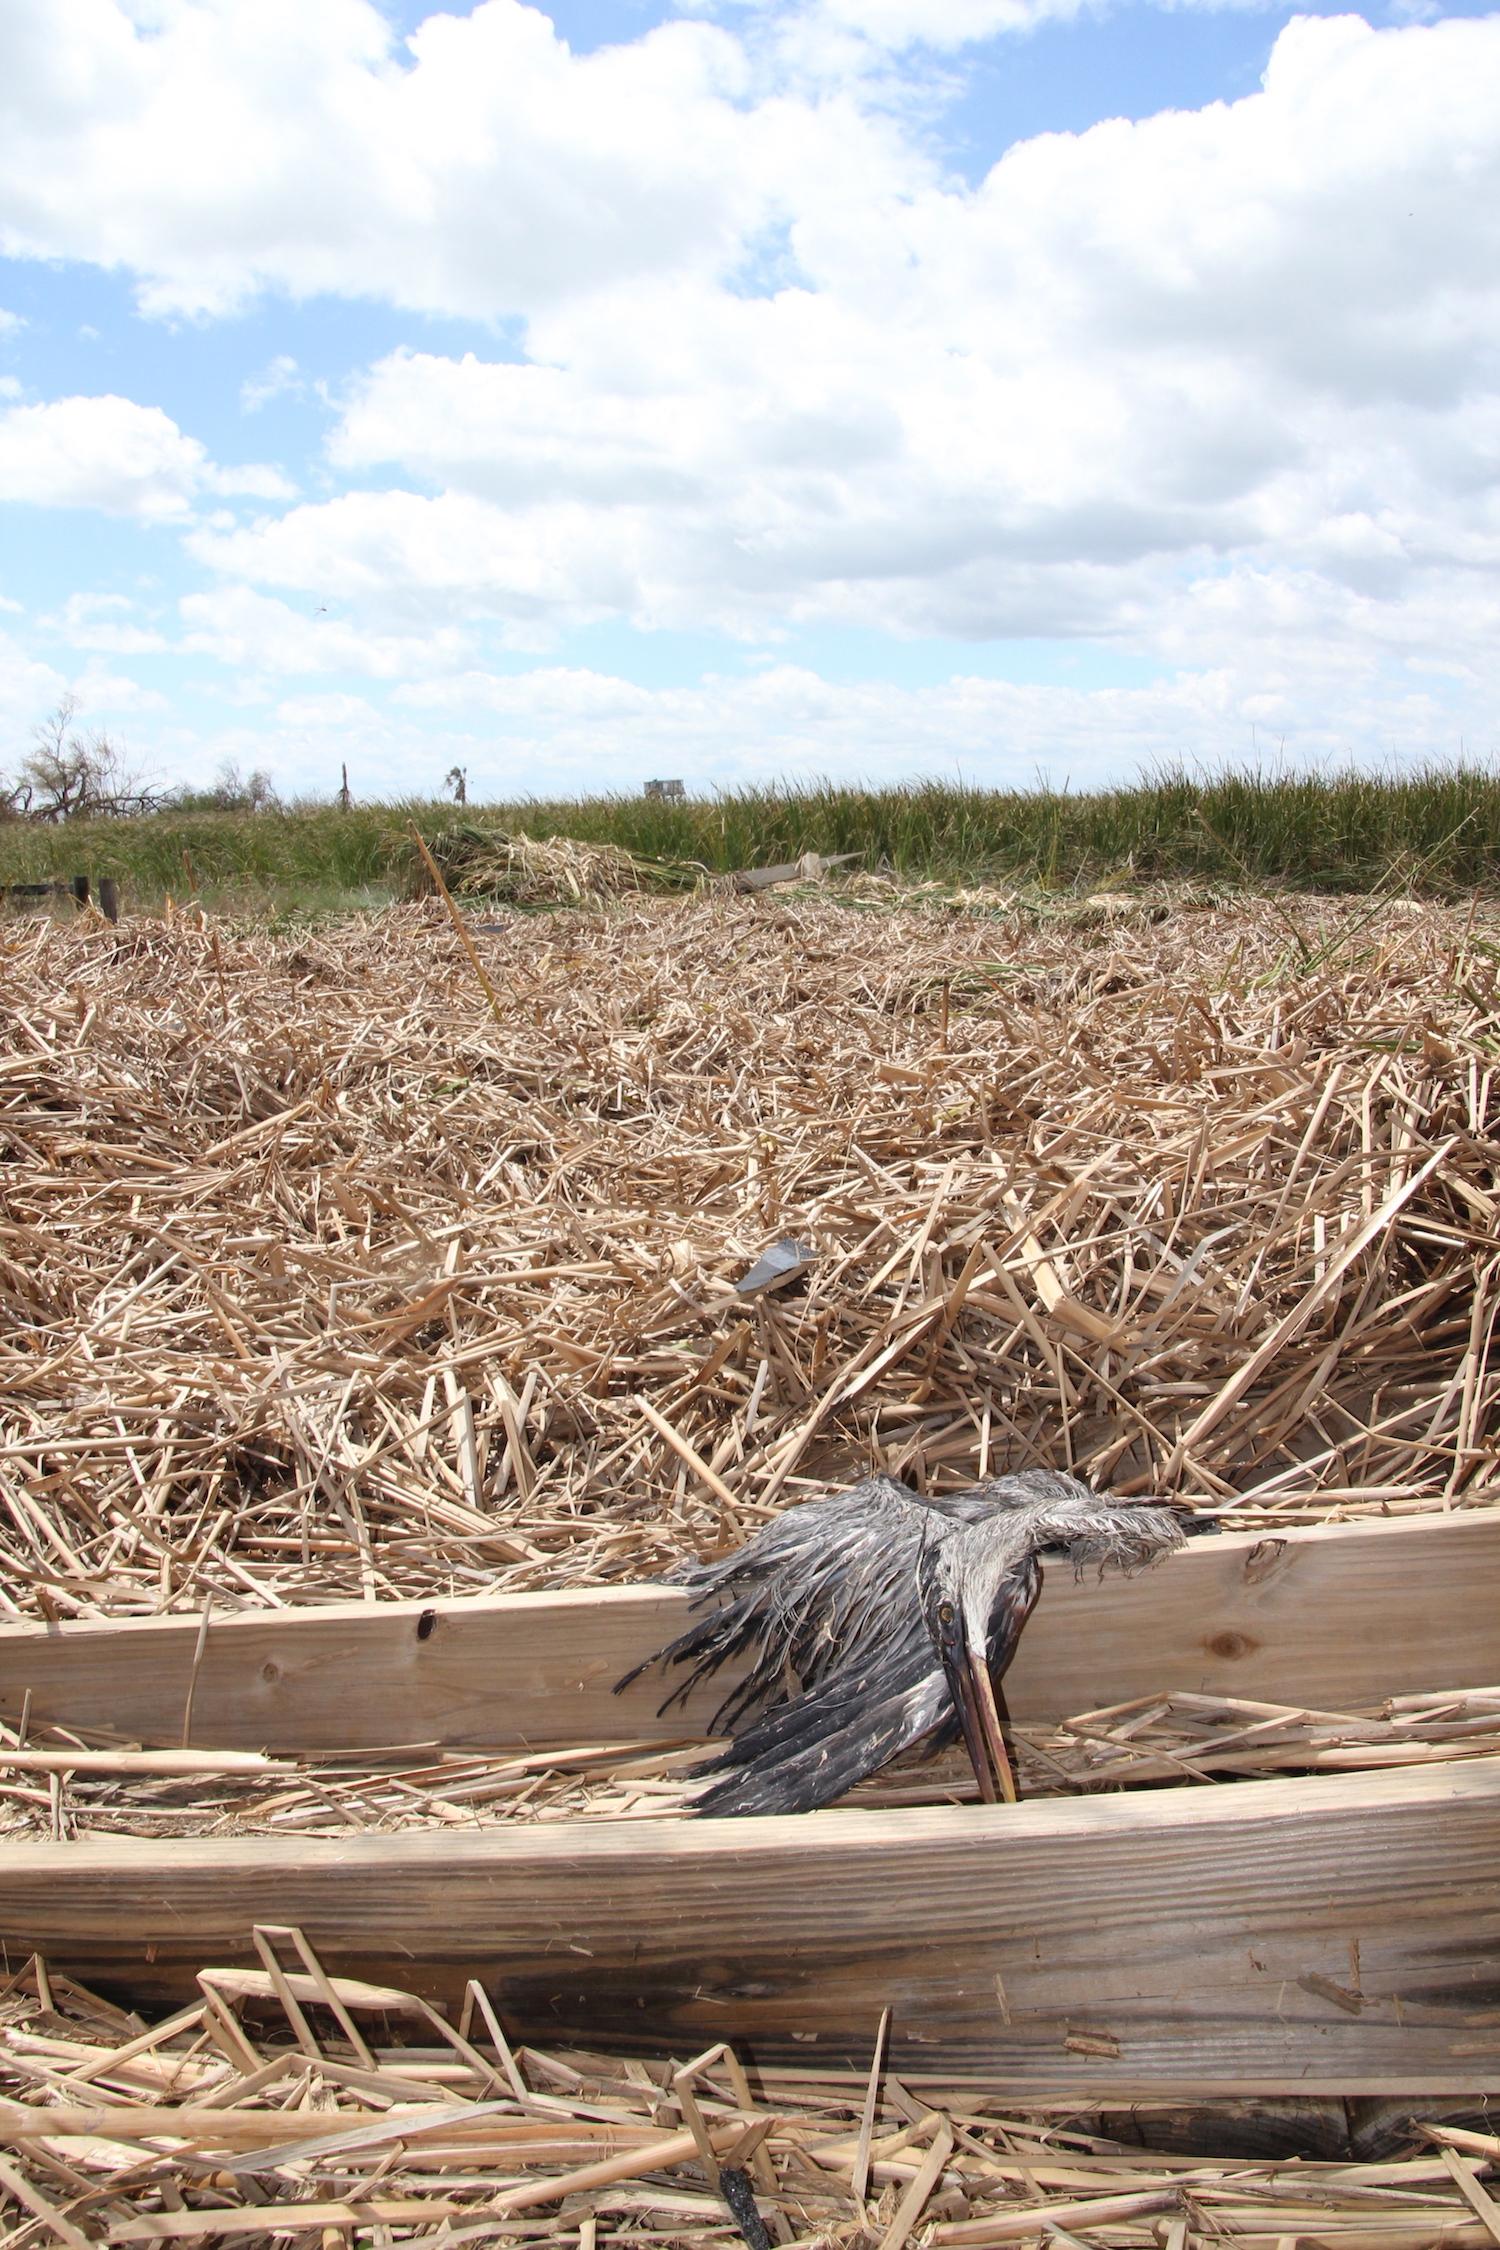 Deceased great blue heron lying among brown reeds.